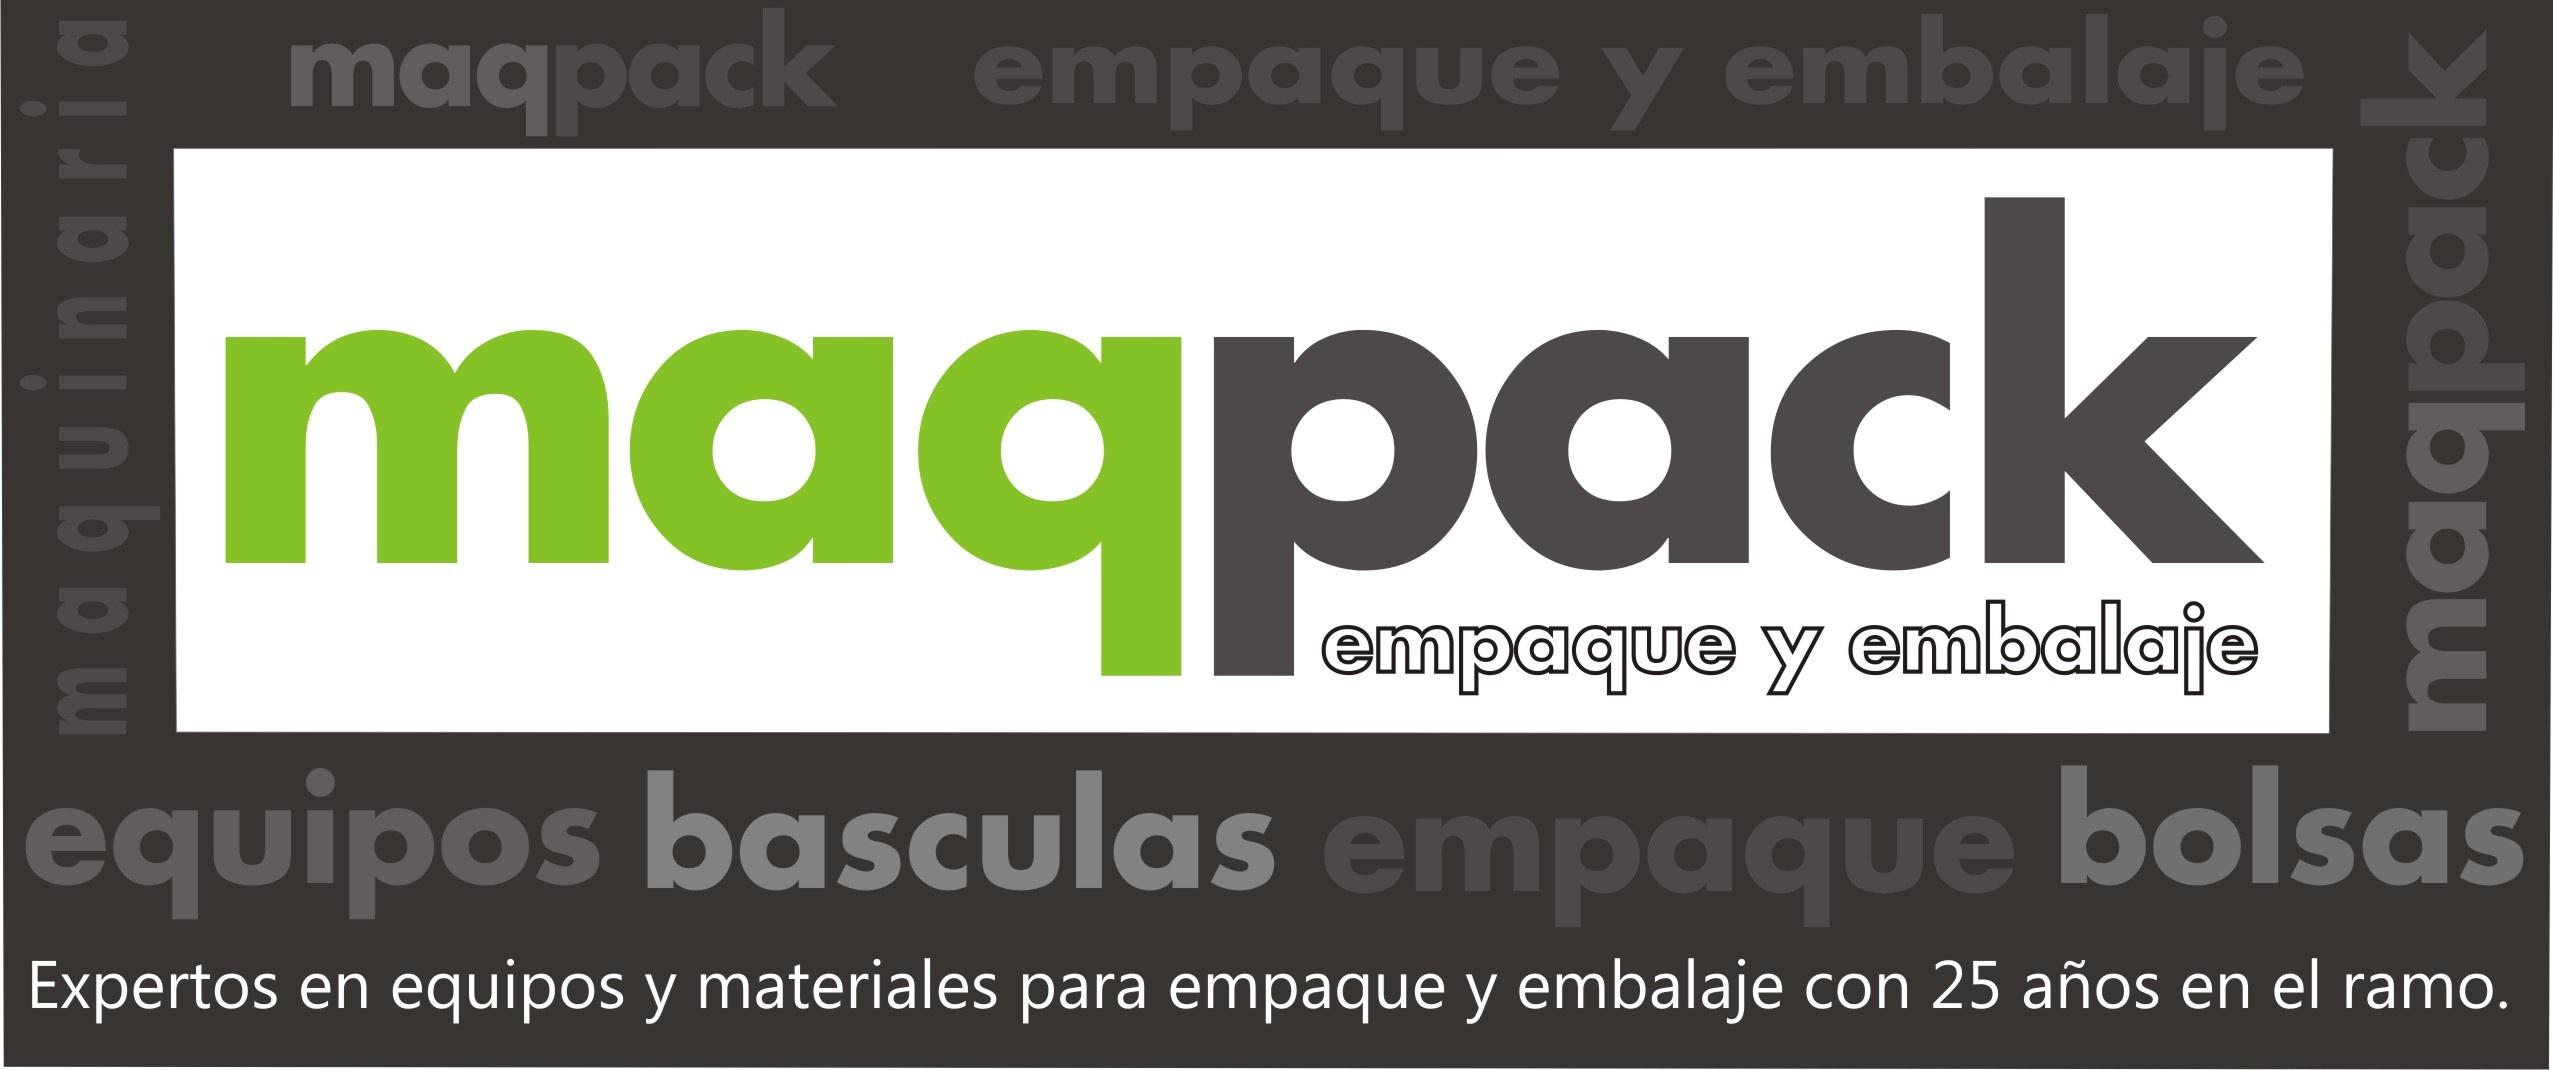 www.maqpack.com.mx